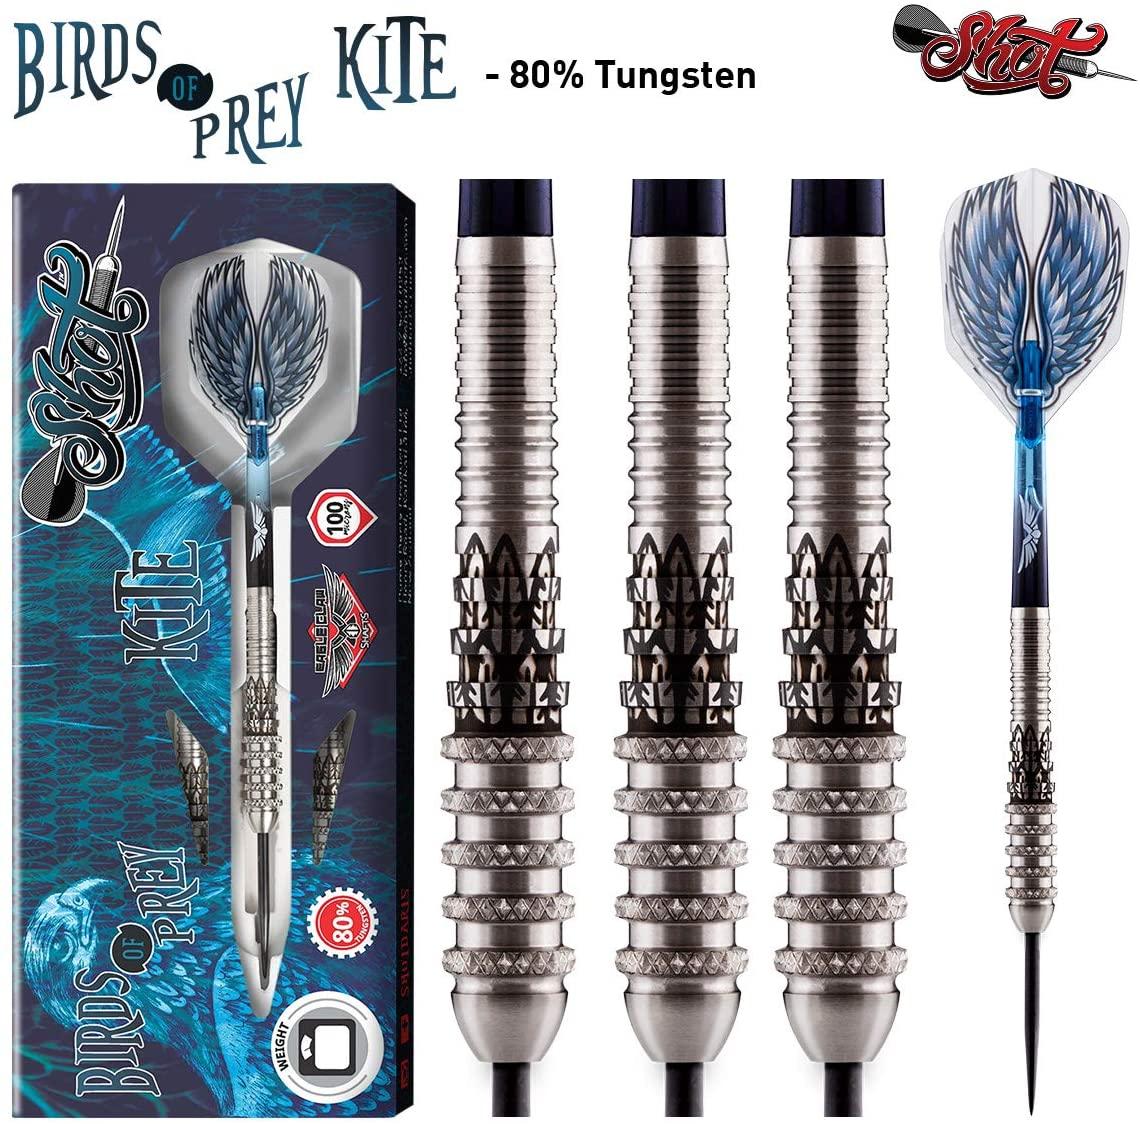 Shot! Darts Birds of Prey Kite Steel Tip Dart Set-80% Tungsten Barrels